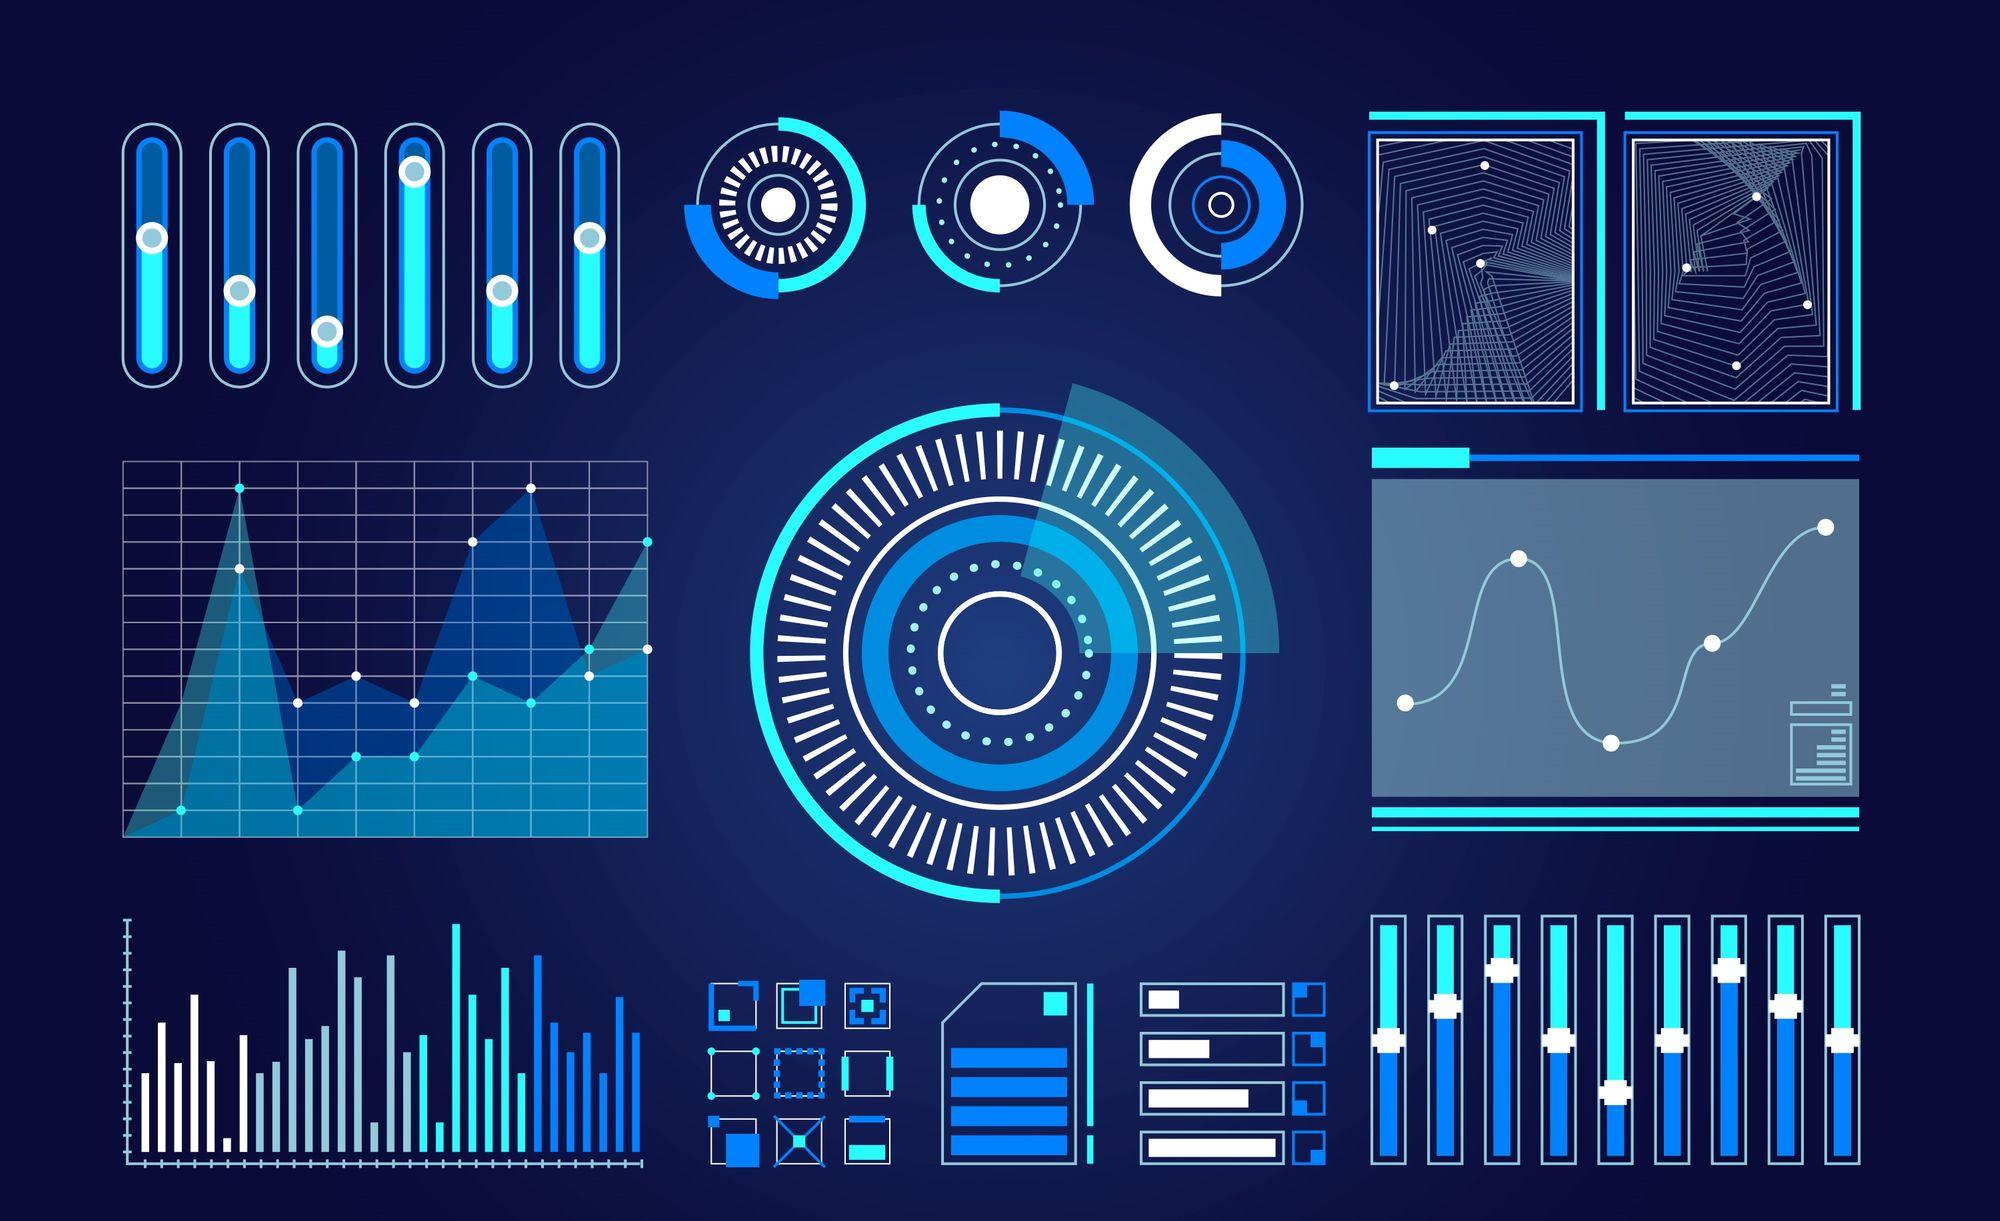 üzleti adatok kiértékelés, adatvizualizáció